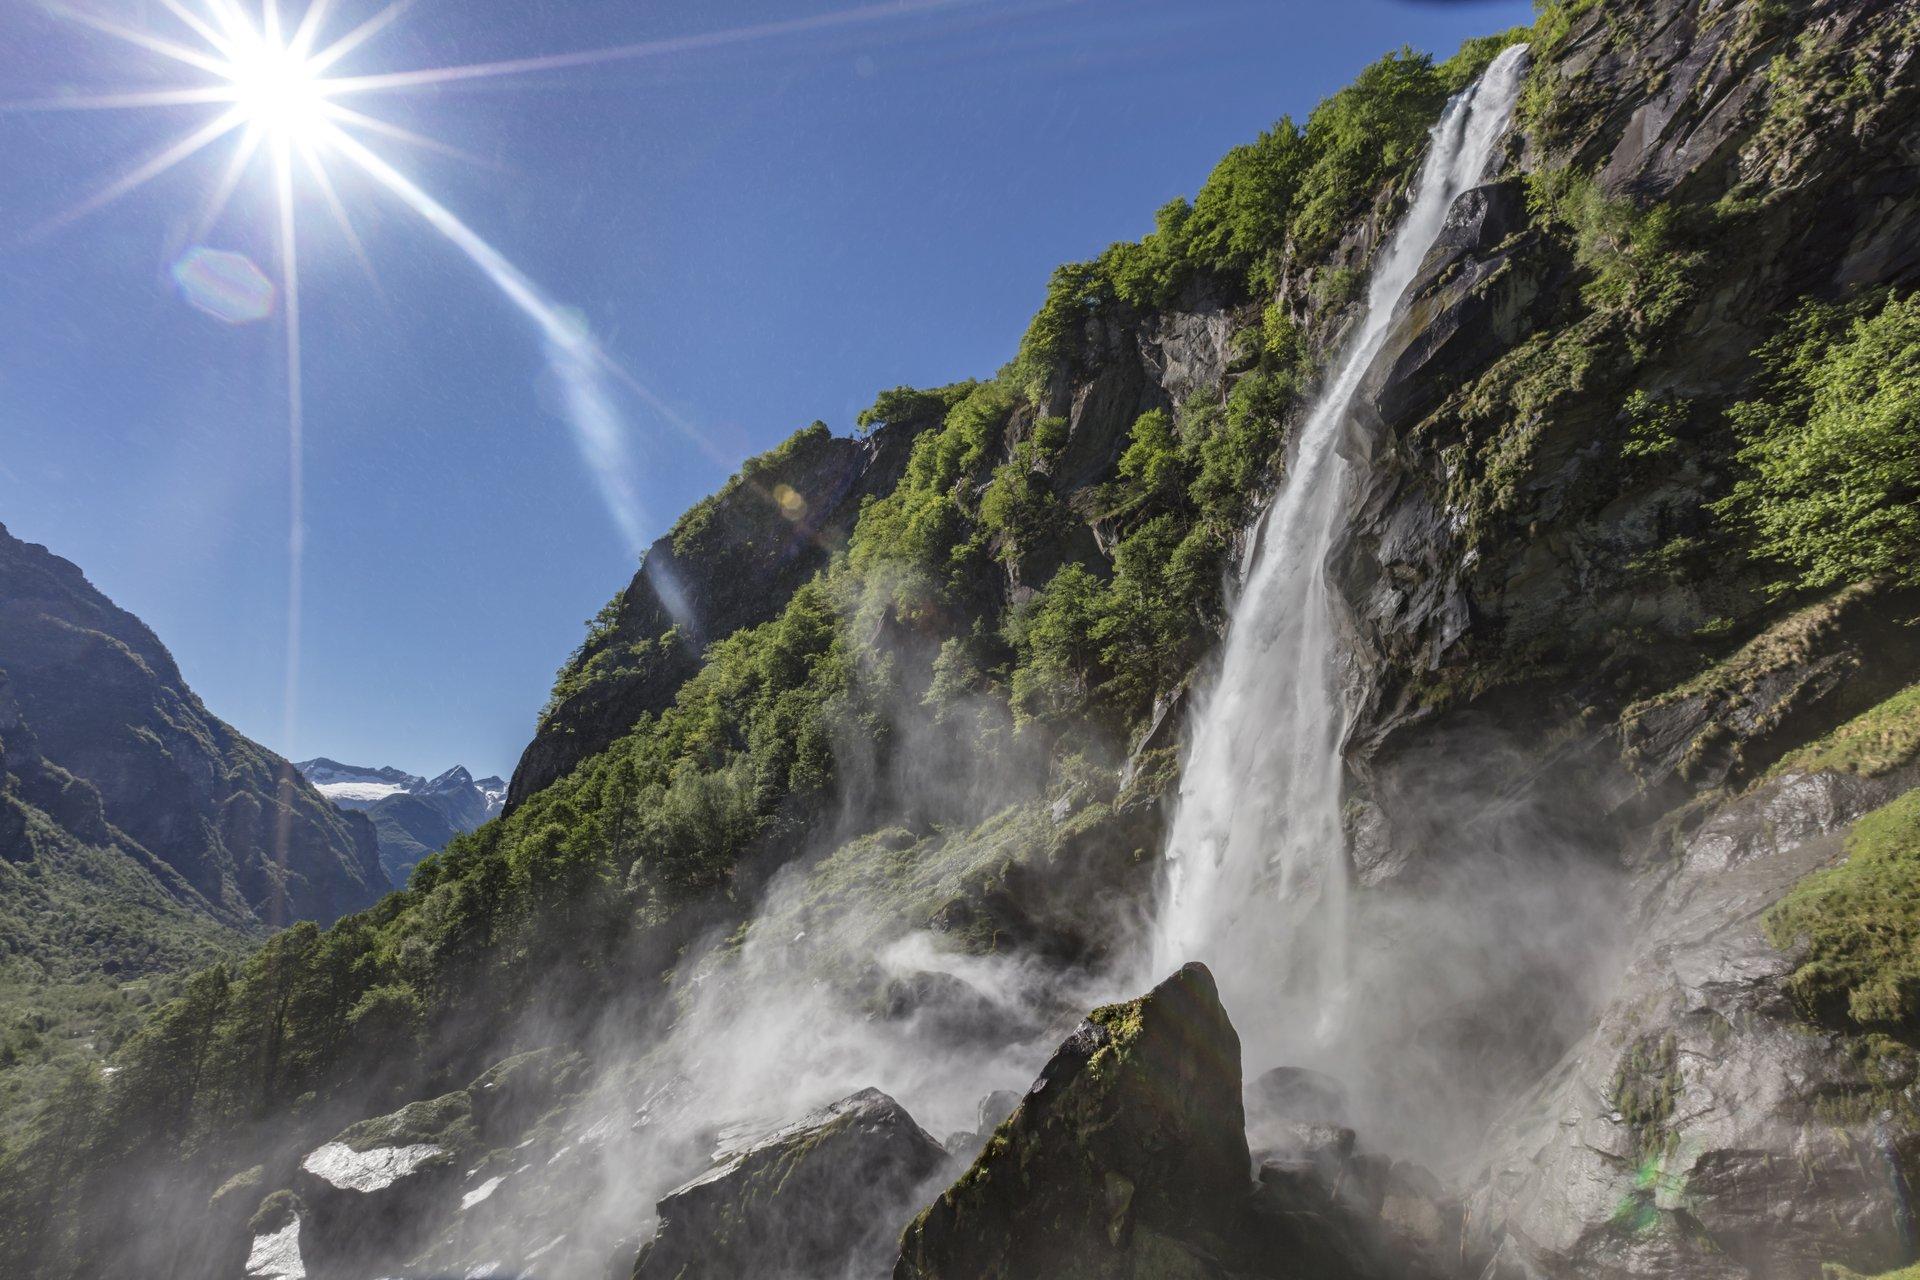 Cascata di Foroglio - Val Bavona